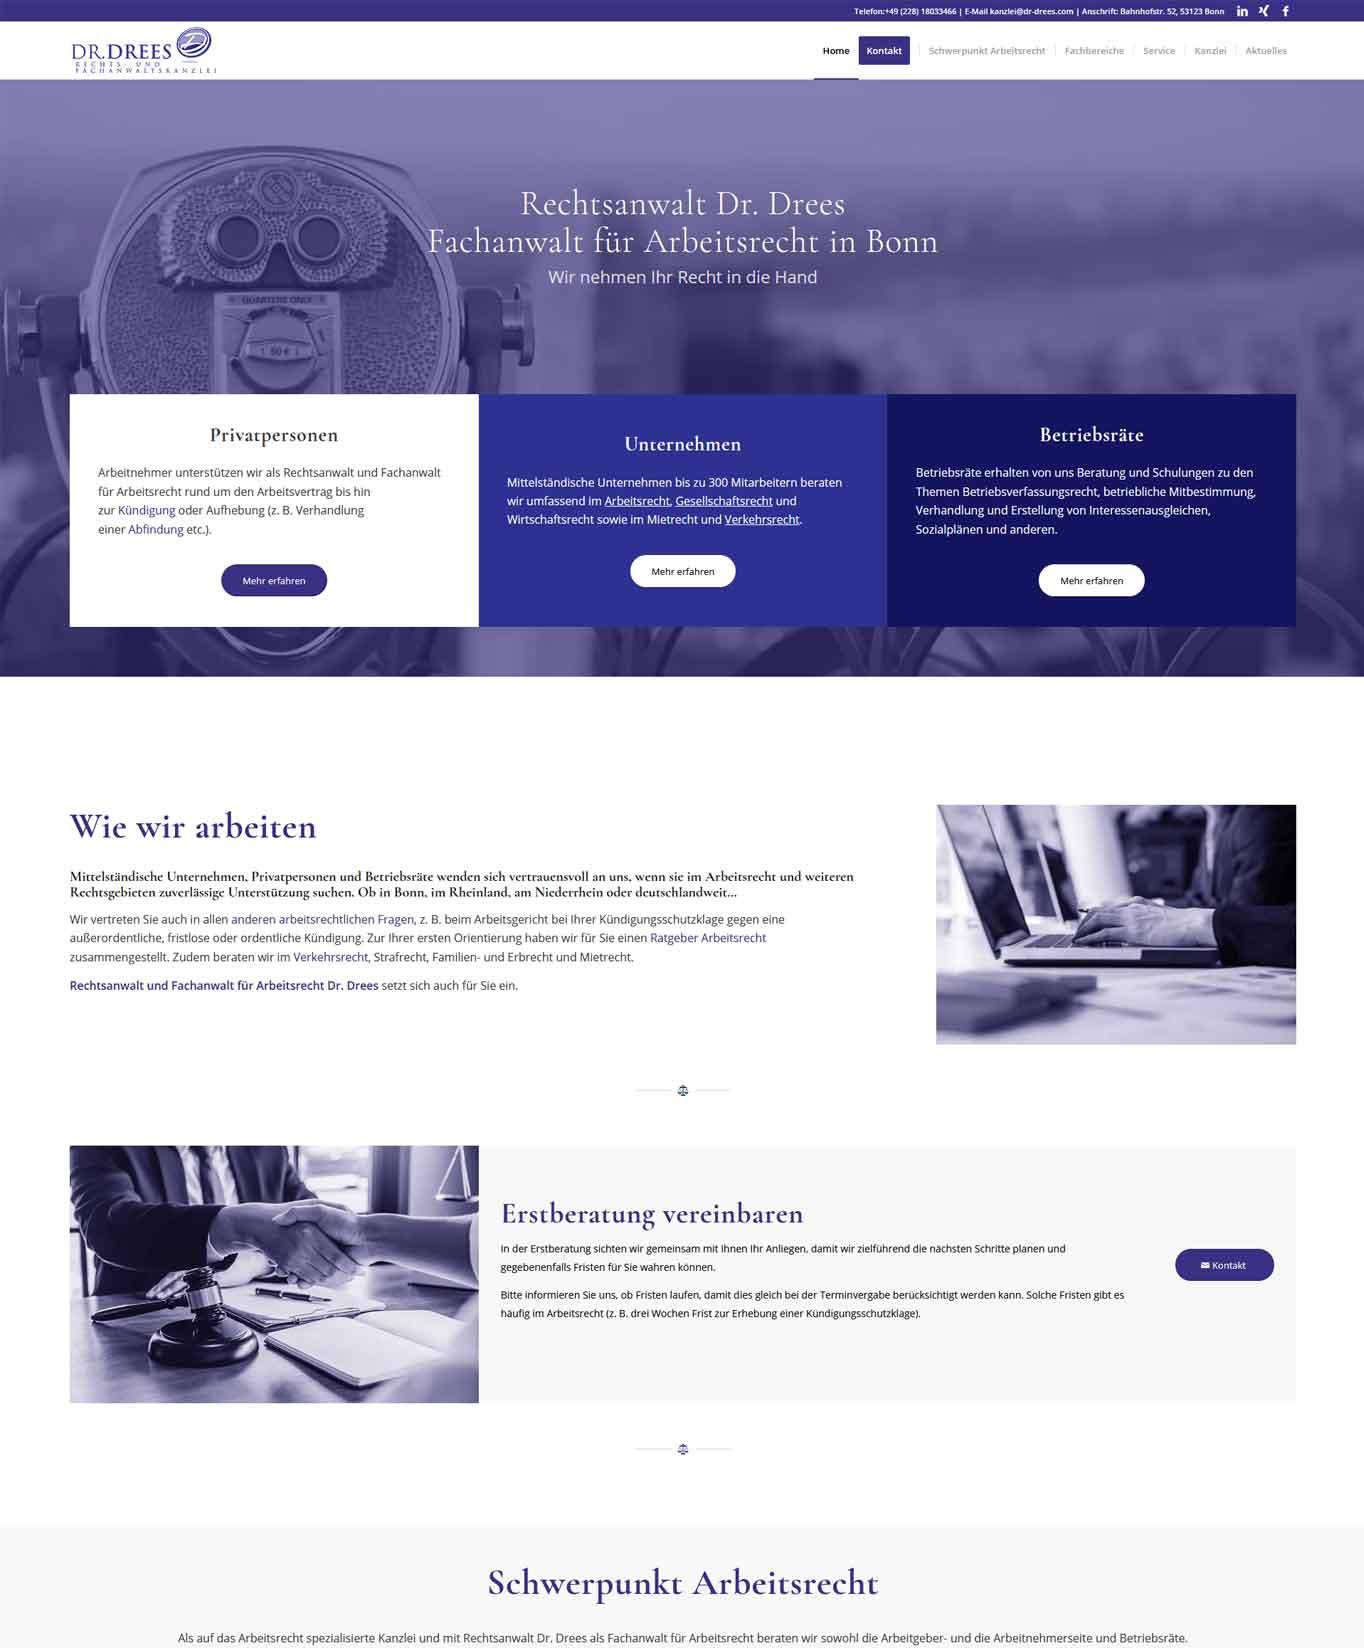 Dr Drees Startseite Webdesign Rechtsanwaltskanzlei Dr. Drees JF Mediendesign